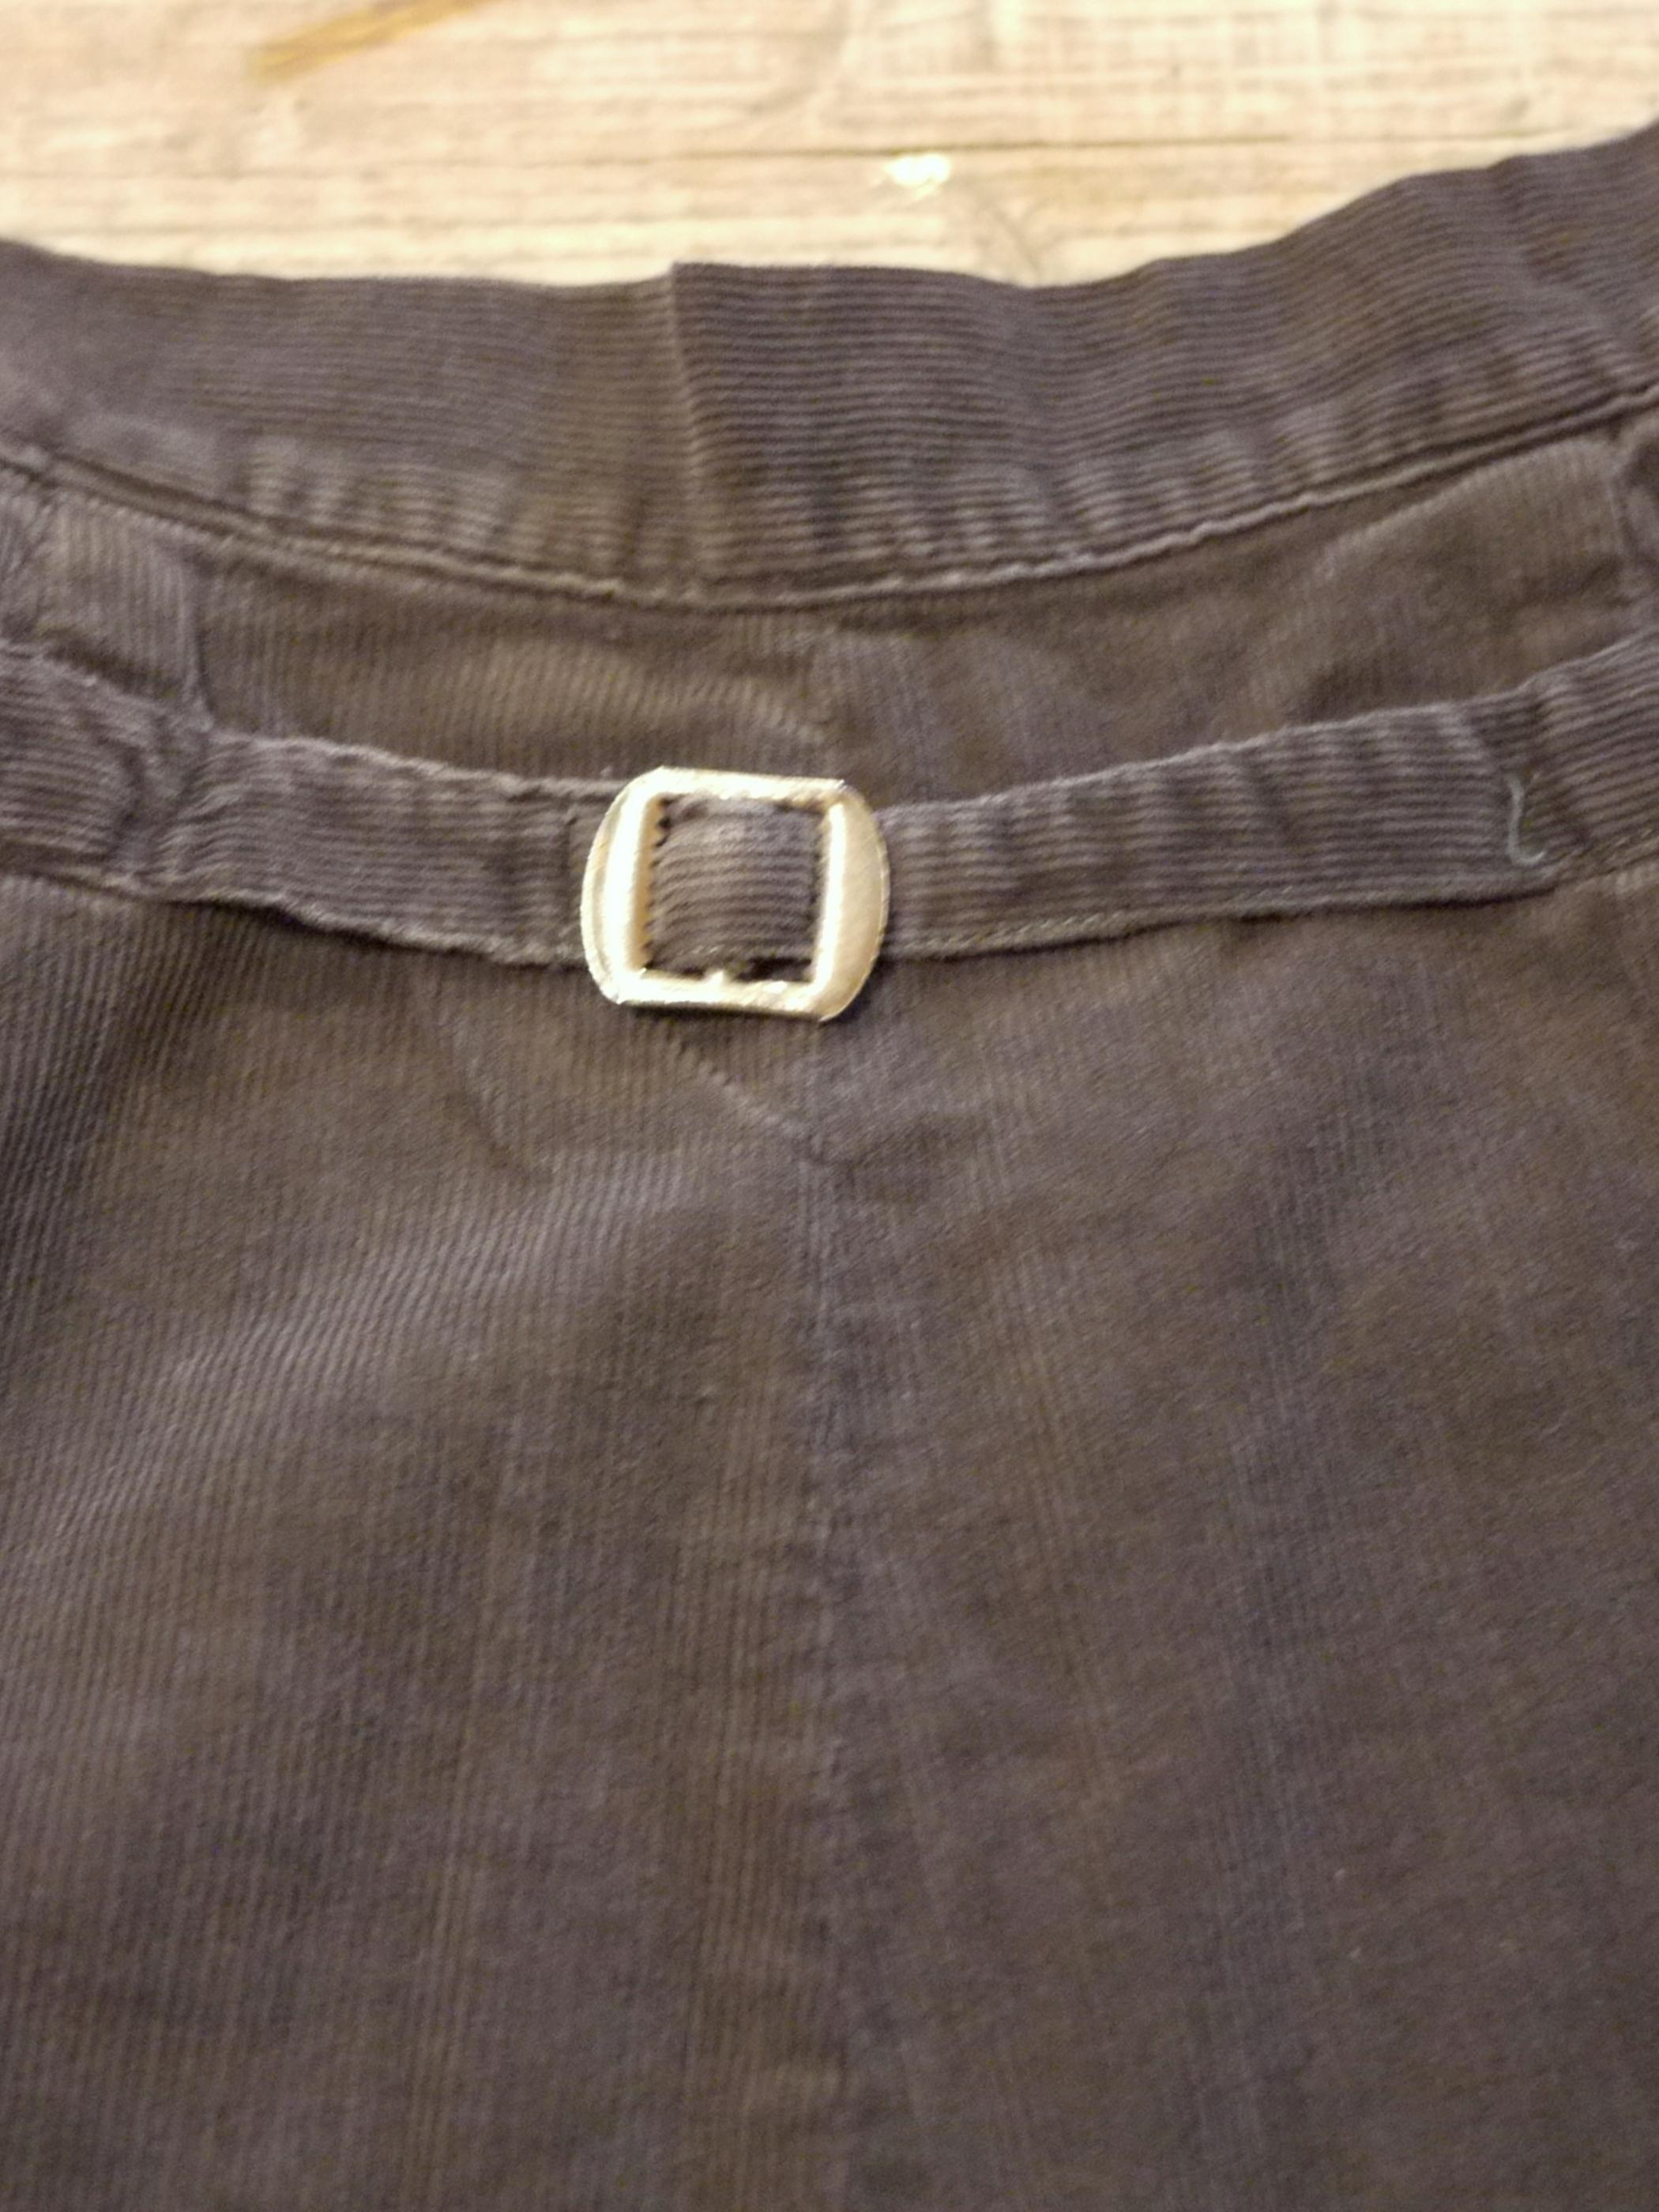 1950's Corduroy pants